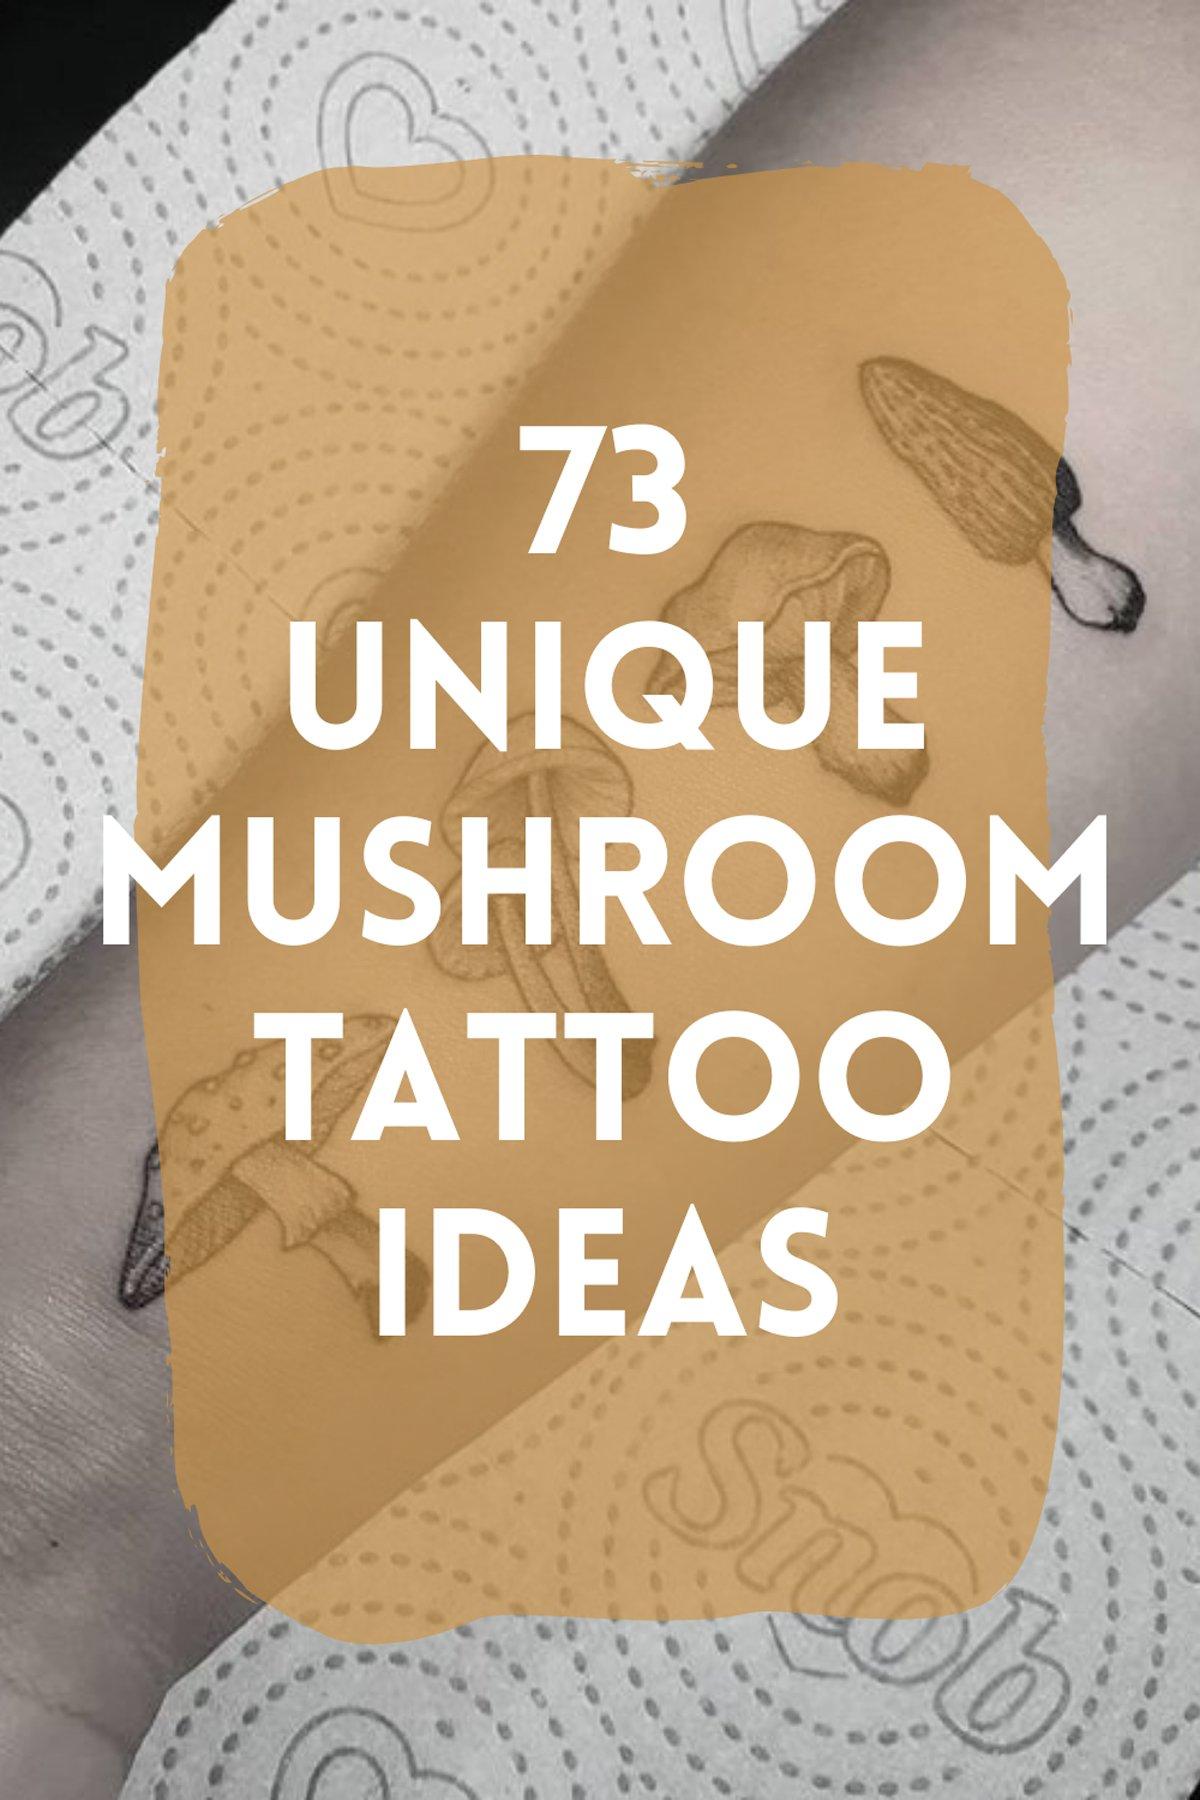 Unique Mushroom Tattoos